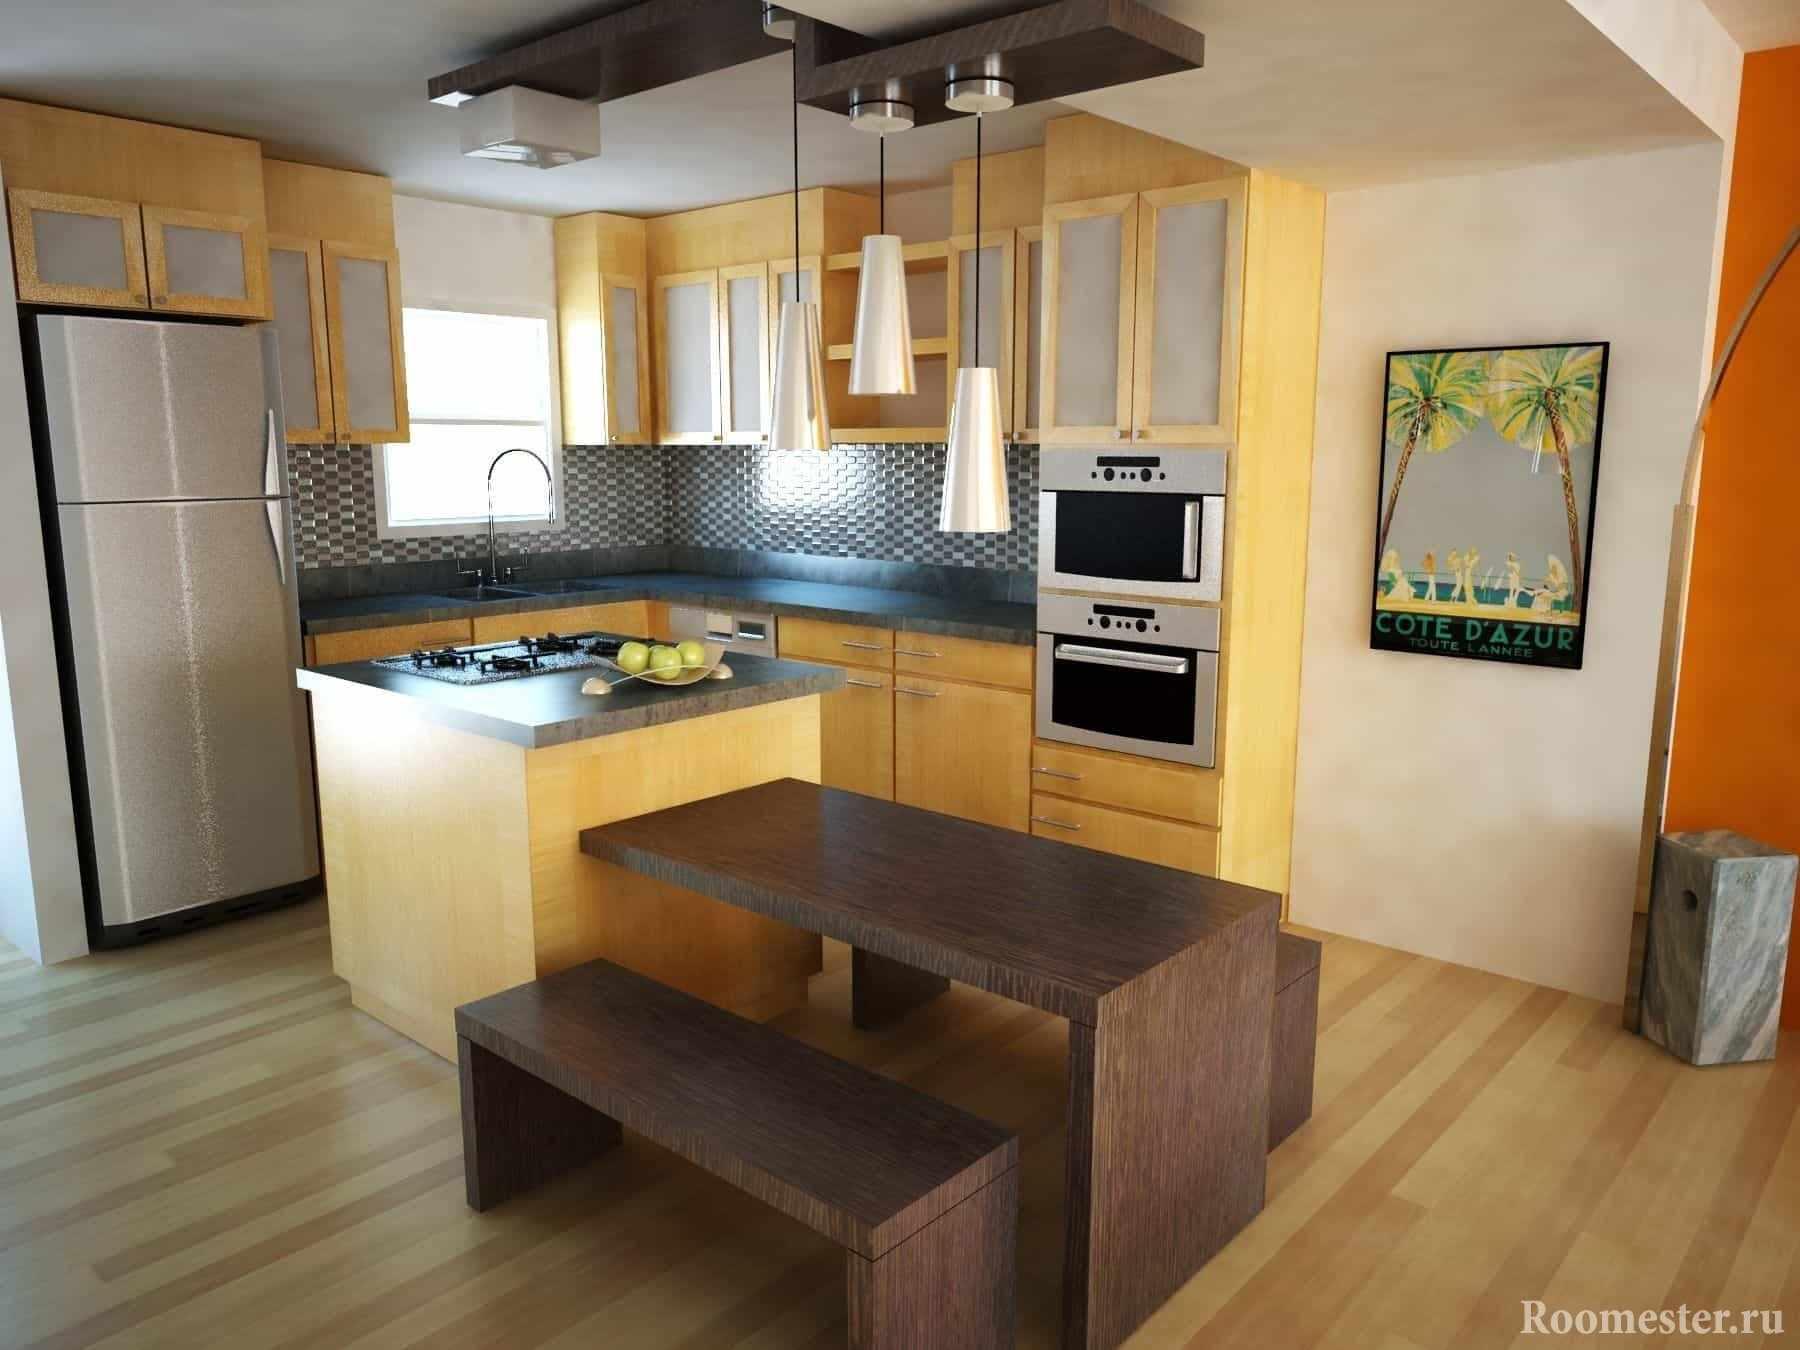 Угловая кухня с окном со столом и лавками в эко стиле